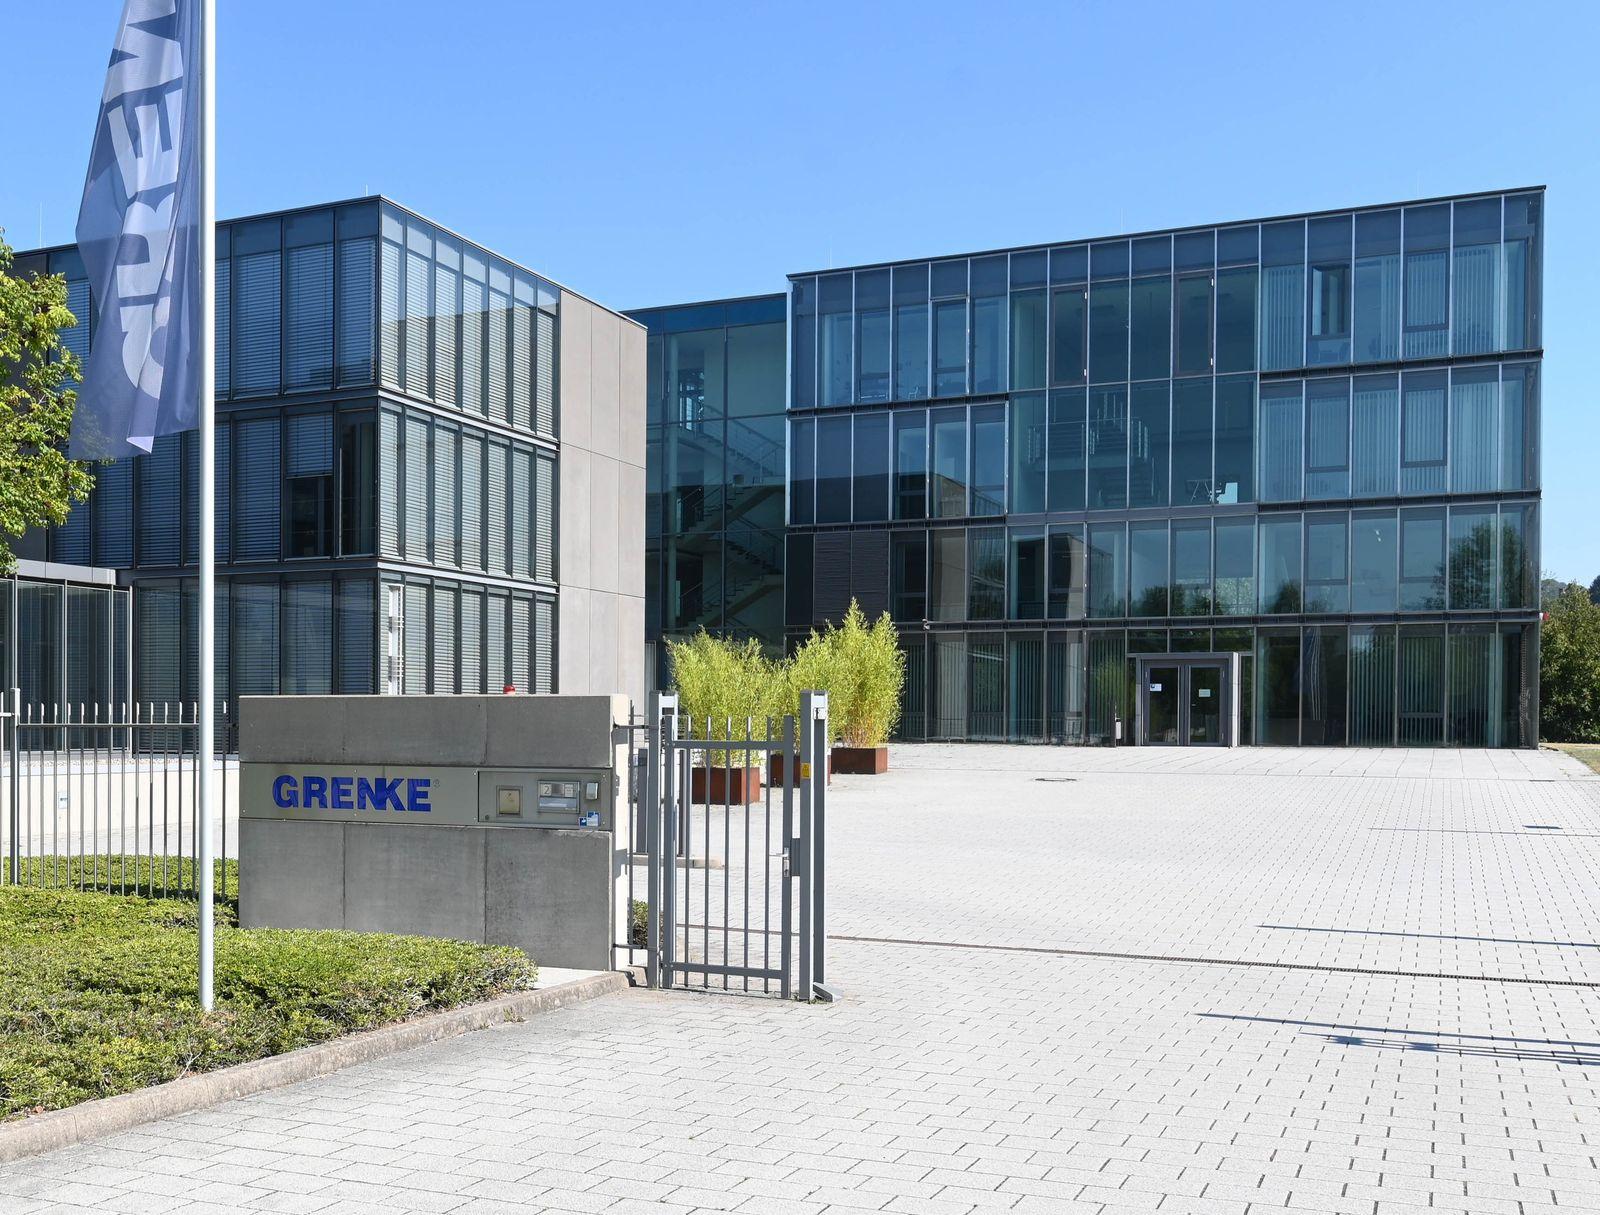 Grenke gibt nach Vorwürfen Sonderprüfung in Auftrag